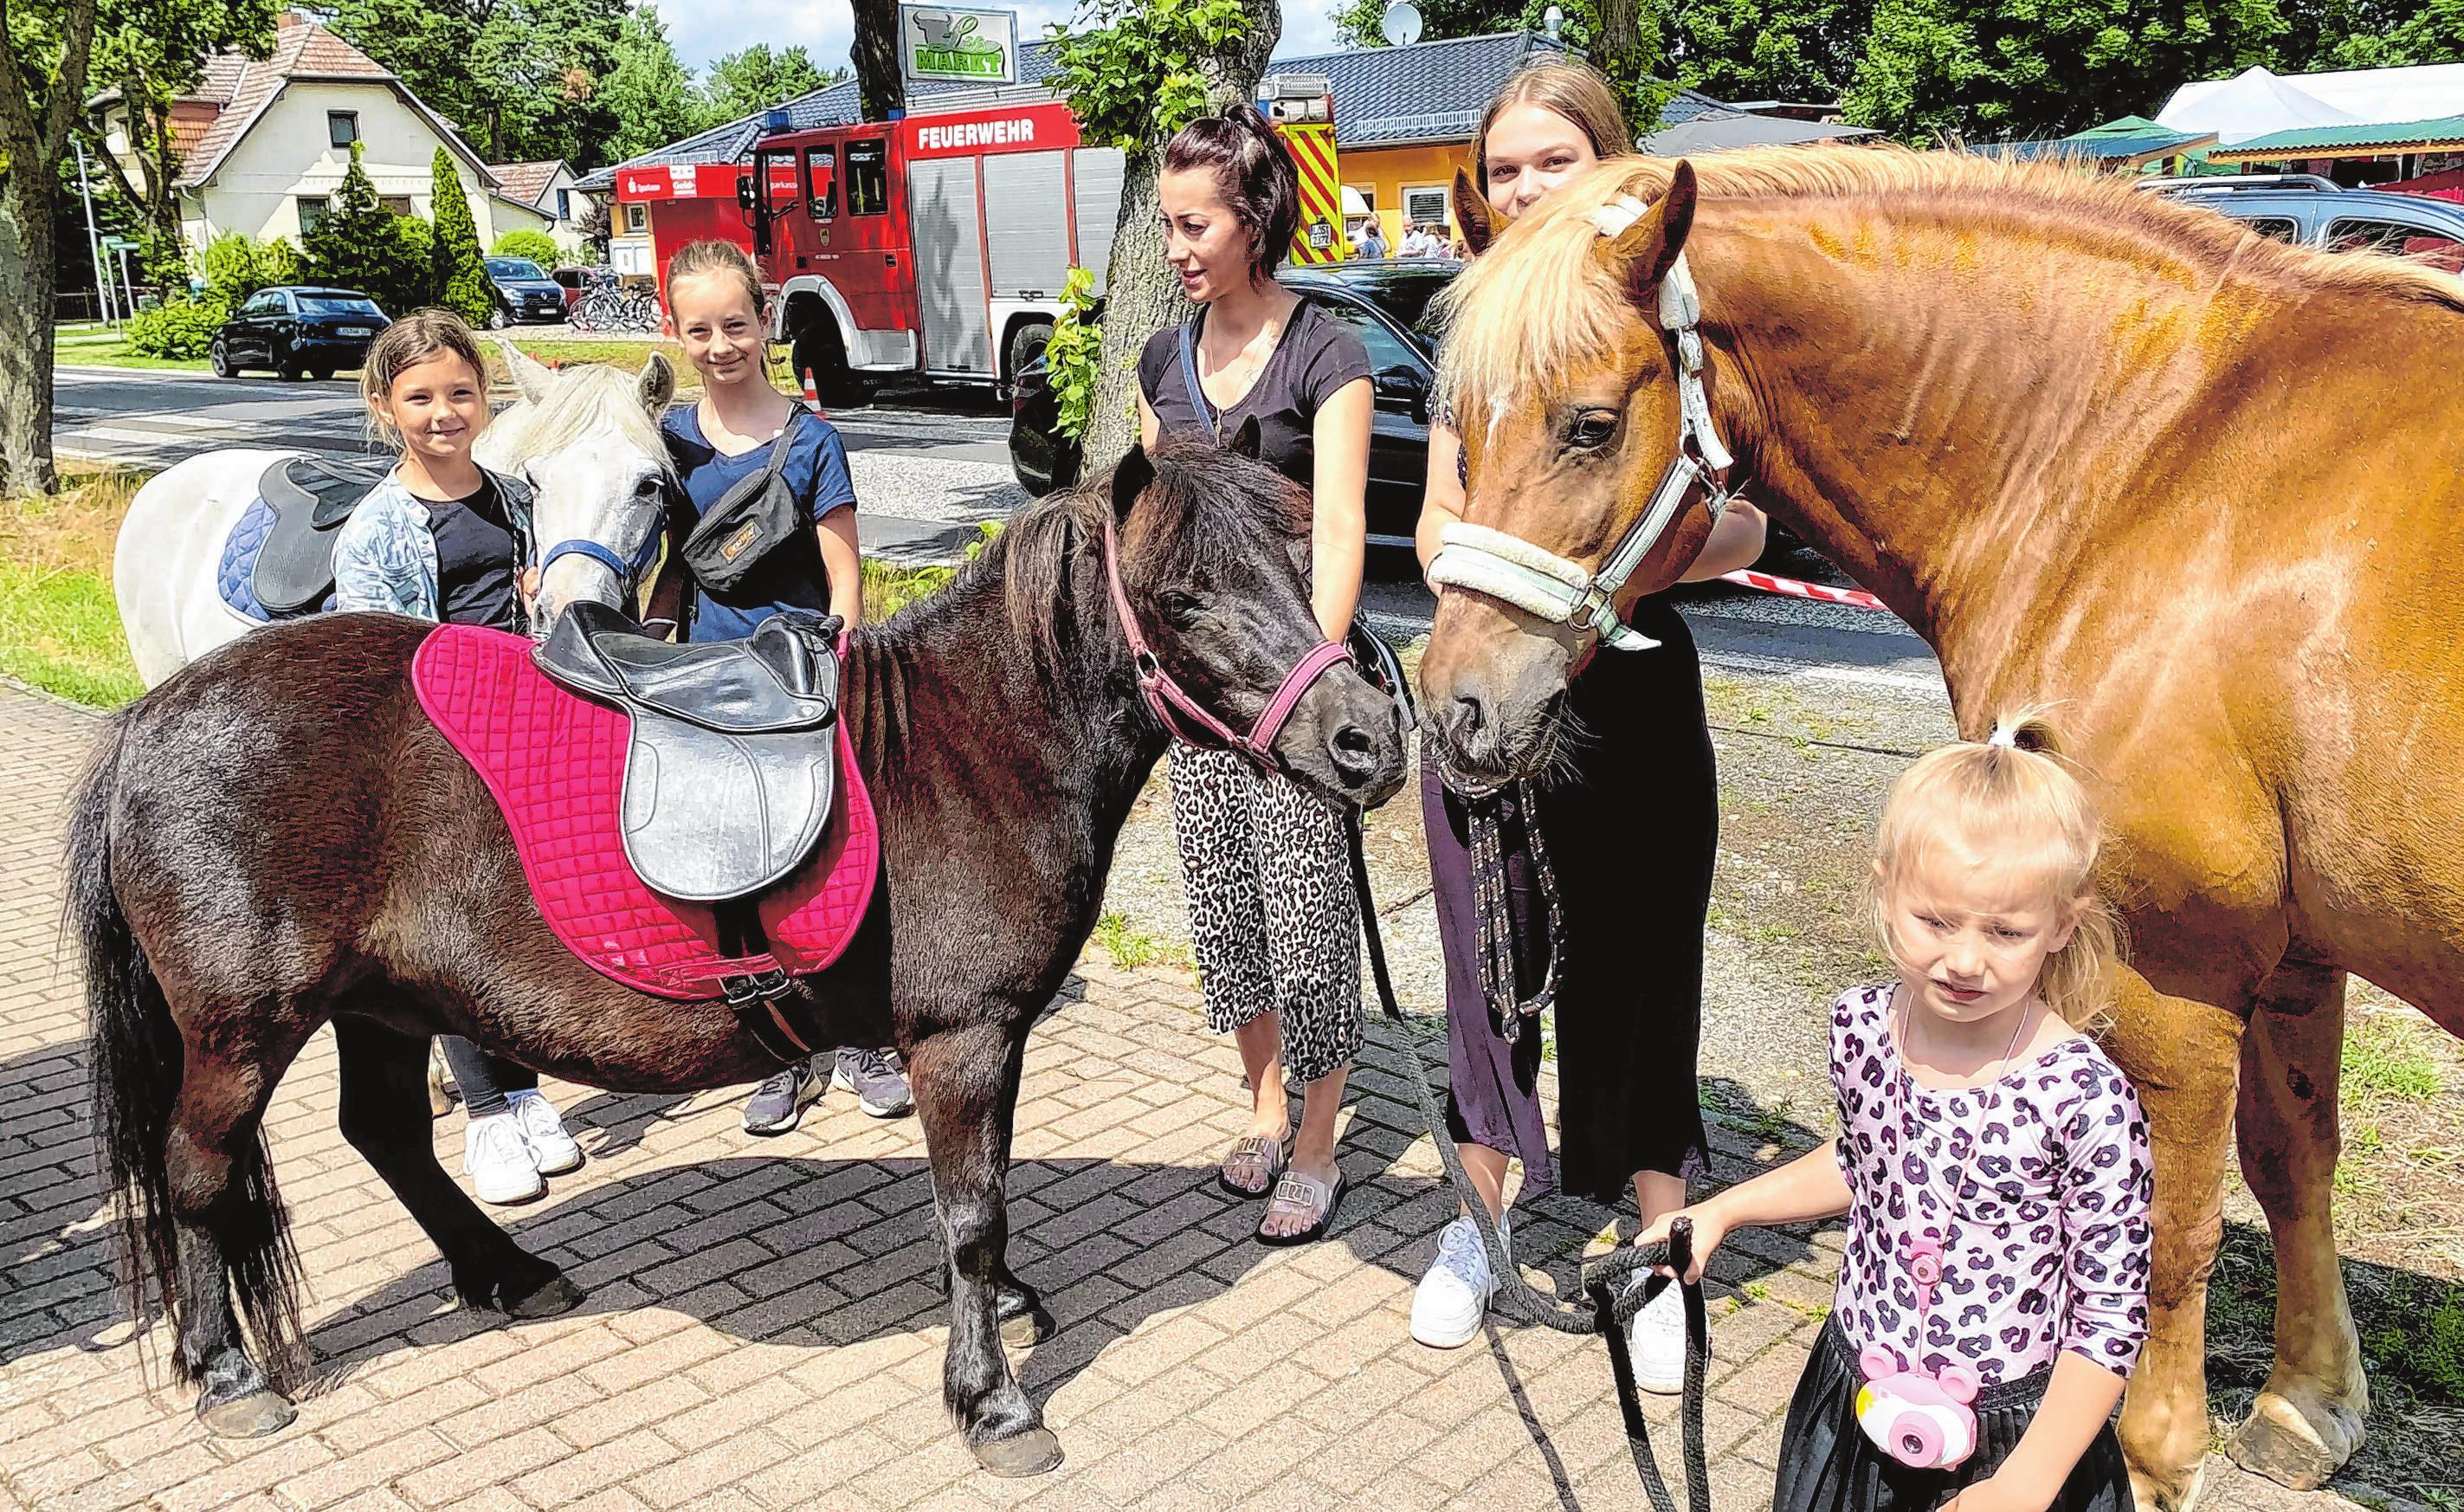 Der Hangelsberger Ponyhof LiSa von Klaus Sacher bot, sehr zur Freude der kleinen Besucher, neben dem Festplatz Ponyreiten an. Eine Runde durchs Dorf inklusive.